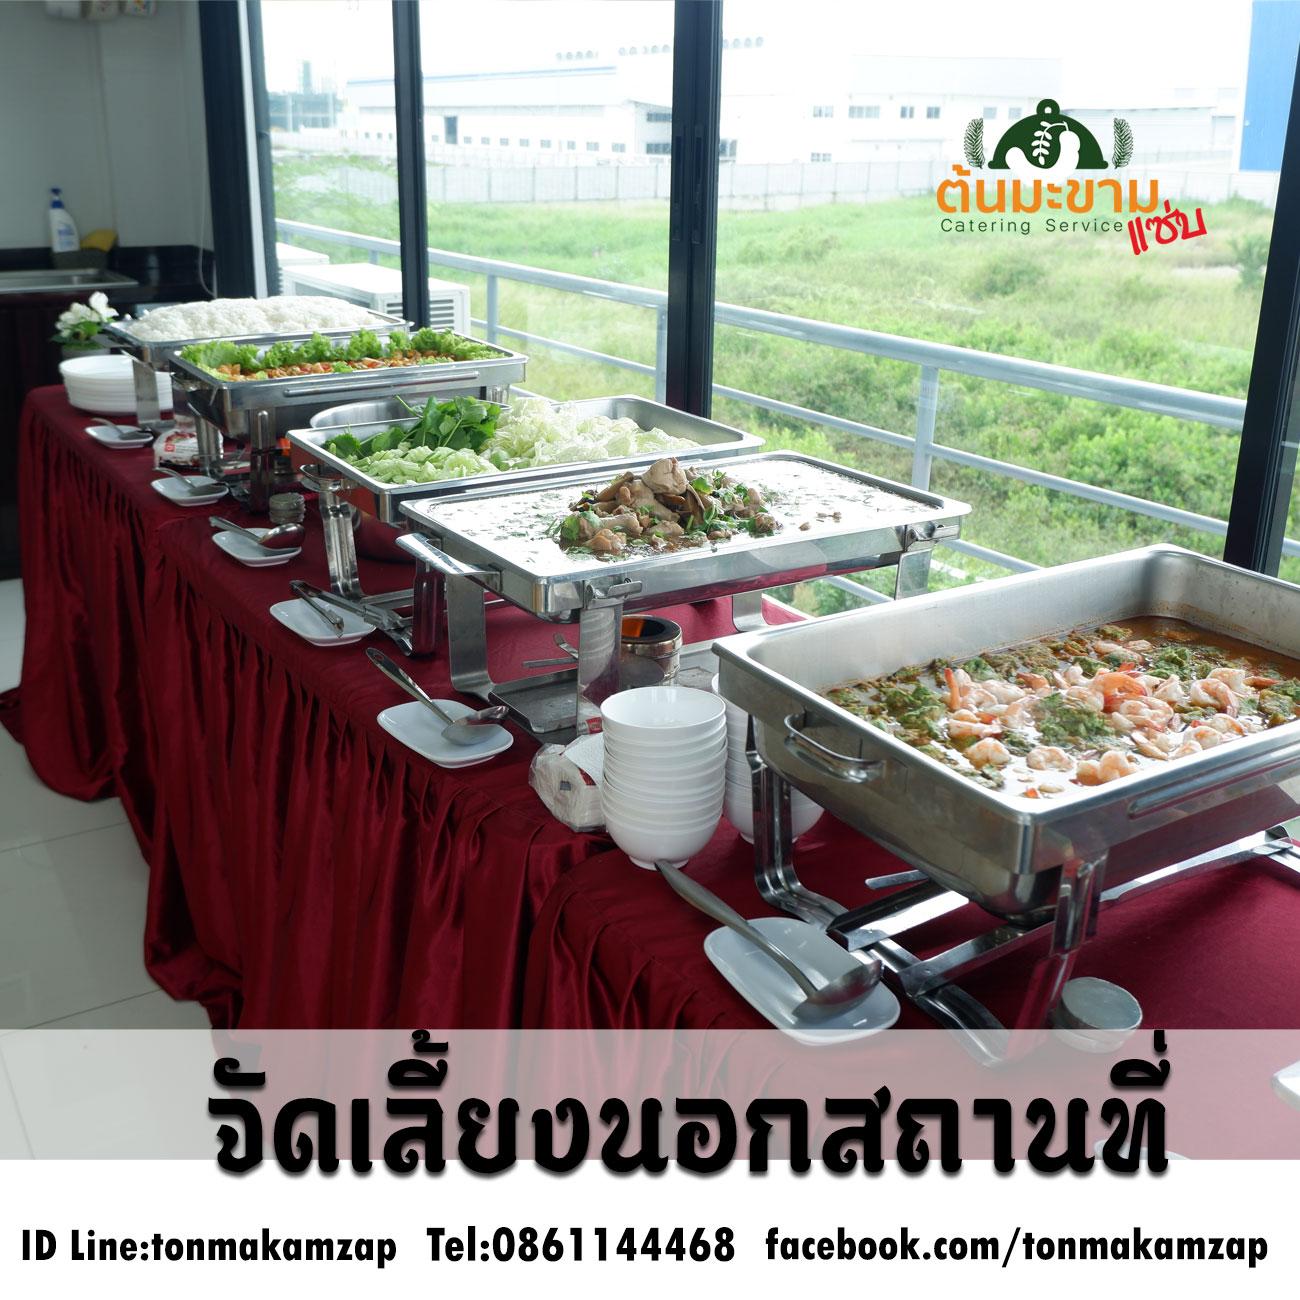 อาหารจัดประชุมนอกสถานที่ แบบบุฟเฟ่ต์ นิคมบางปูเหนือ สมุทรปราการ